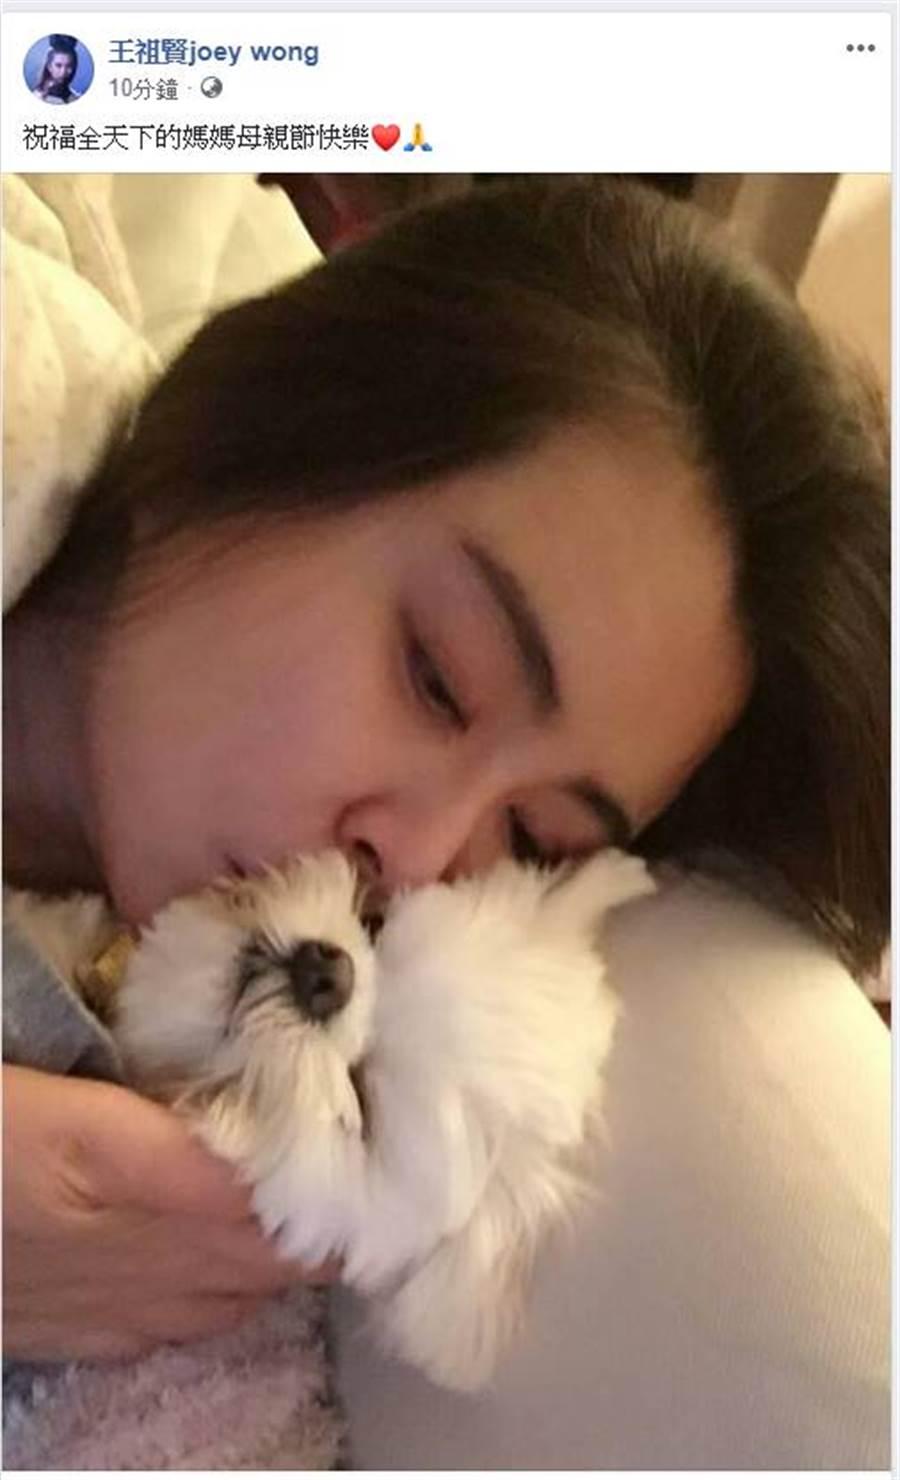 王祖贤素颜献吻宠物照,52岁的她被赞:没有老去的痕迹